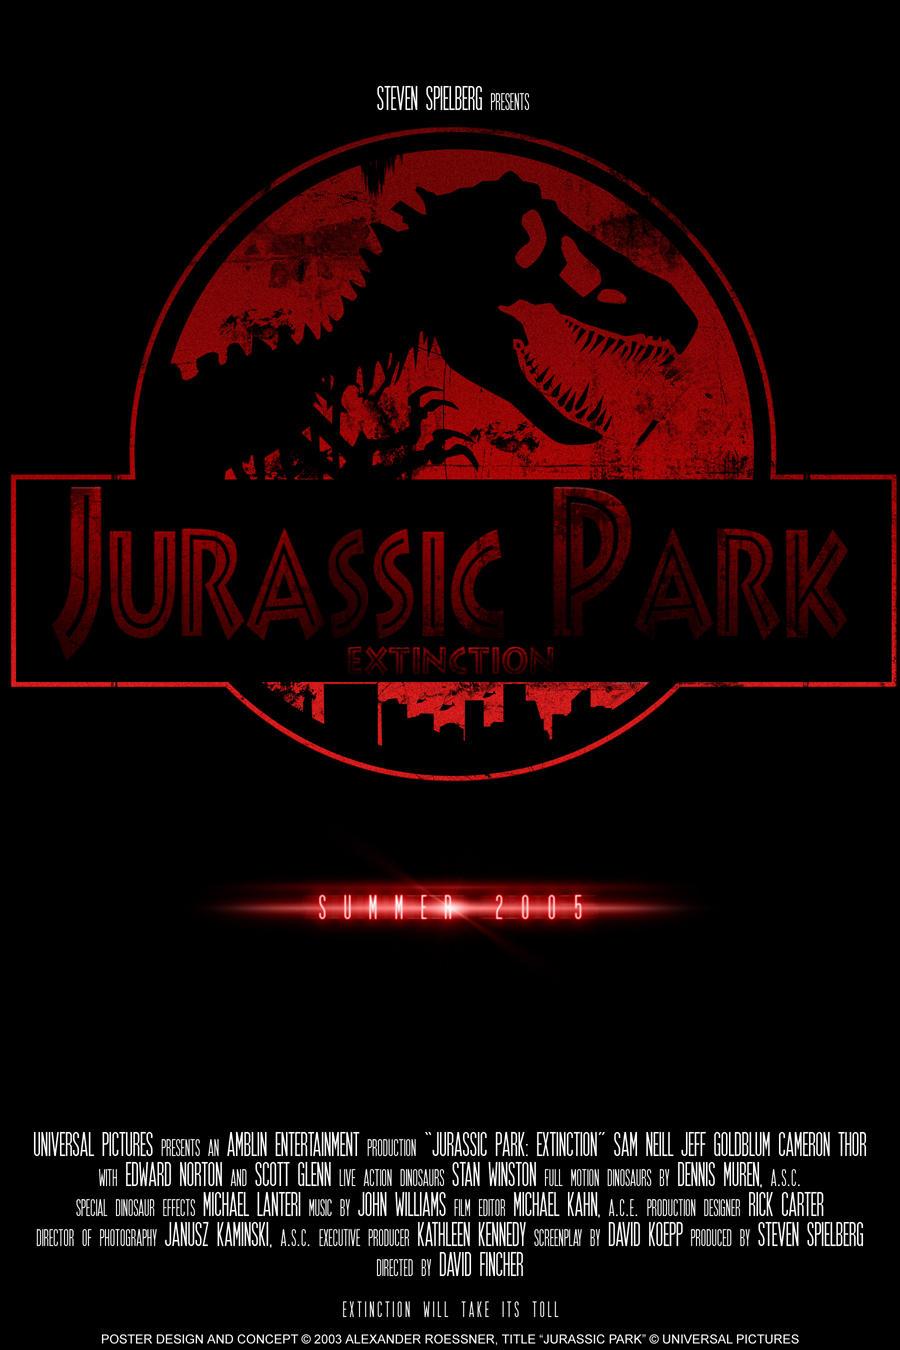 jurassic park 4 logo by rexbiteandspinopark